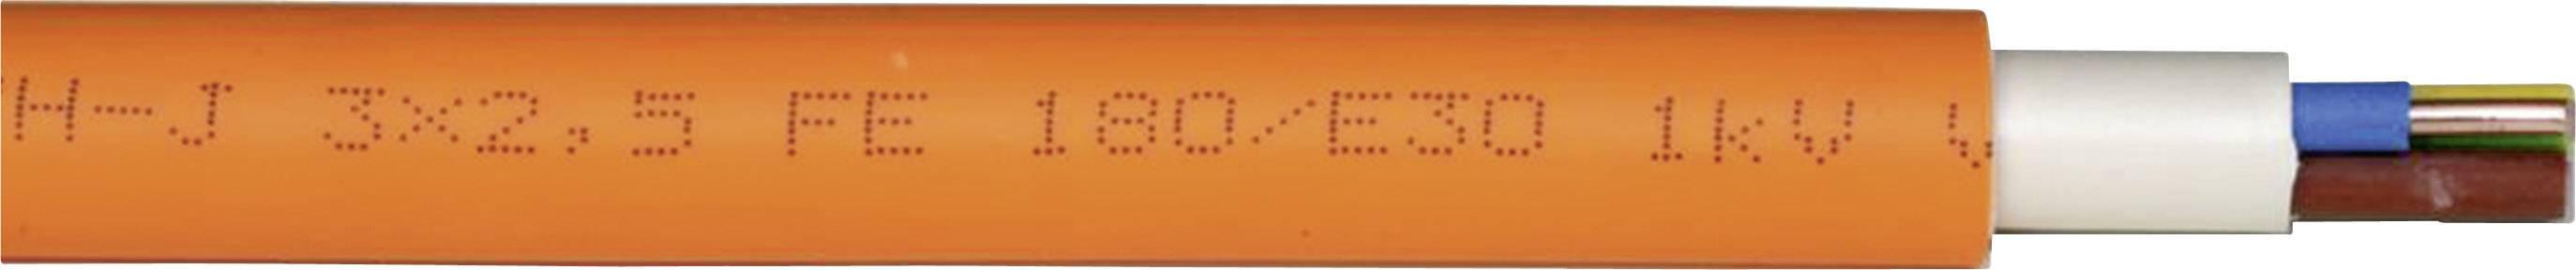 Kabel pro vysoké proudy Faber Kabel NHXHX FE180/E30 (011190), 5 x 1,5 mm², oranžová, 1 m